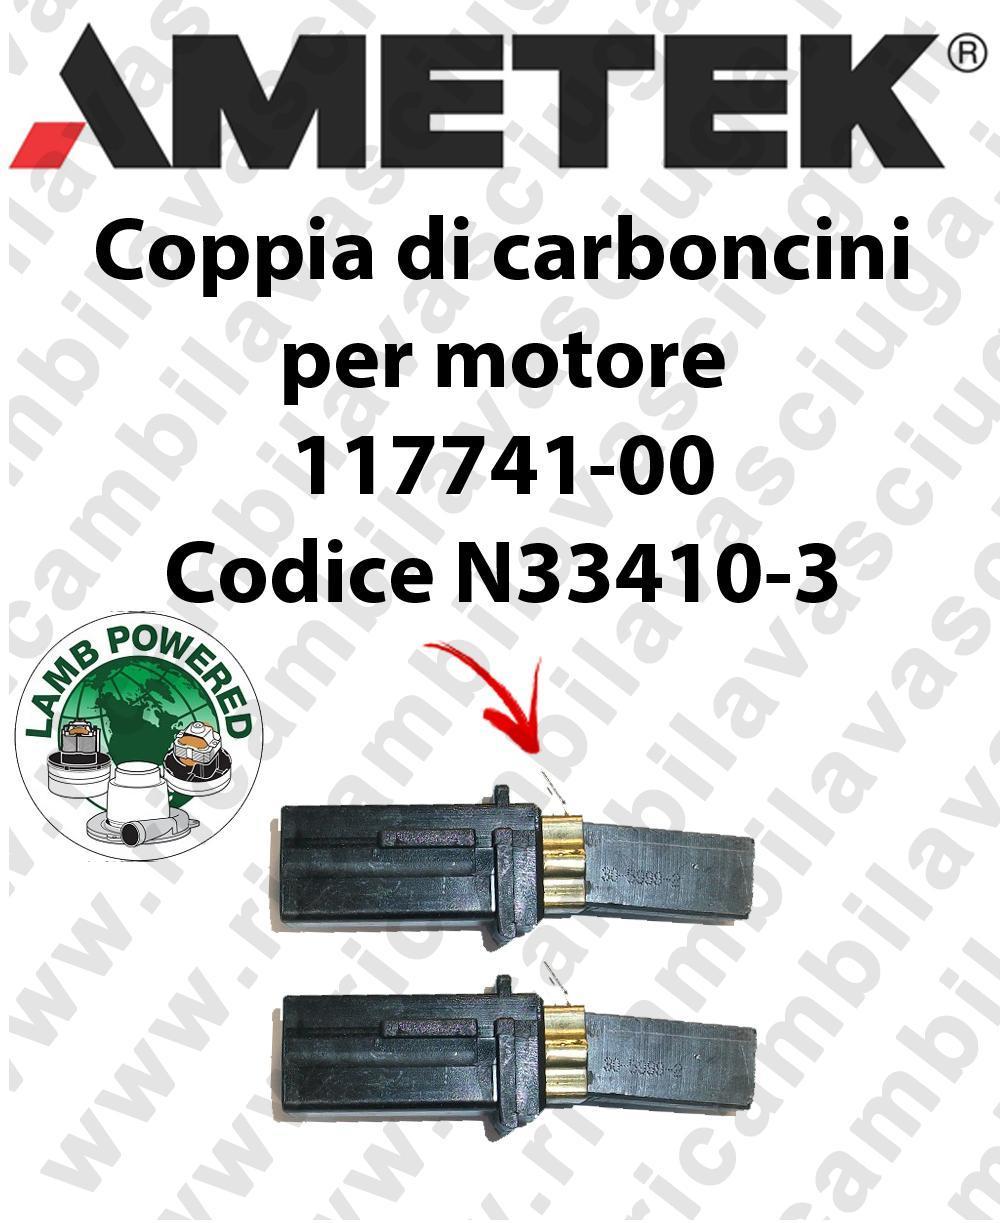 N33410-3 Paar Motorbürsten für motor LAMB AMETEK 117741-00